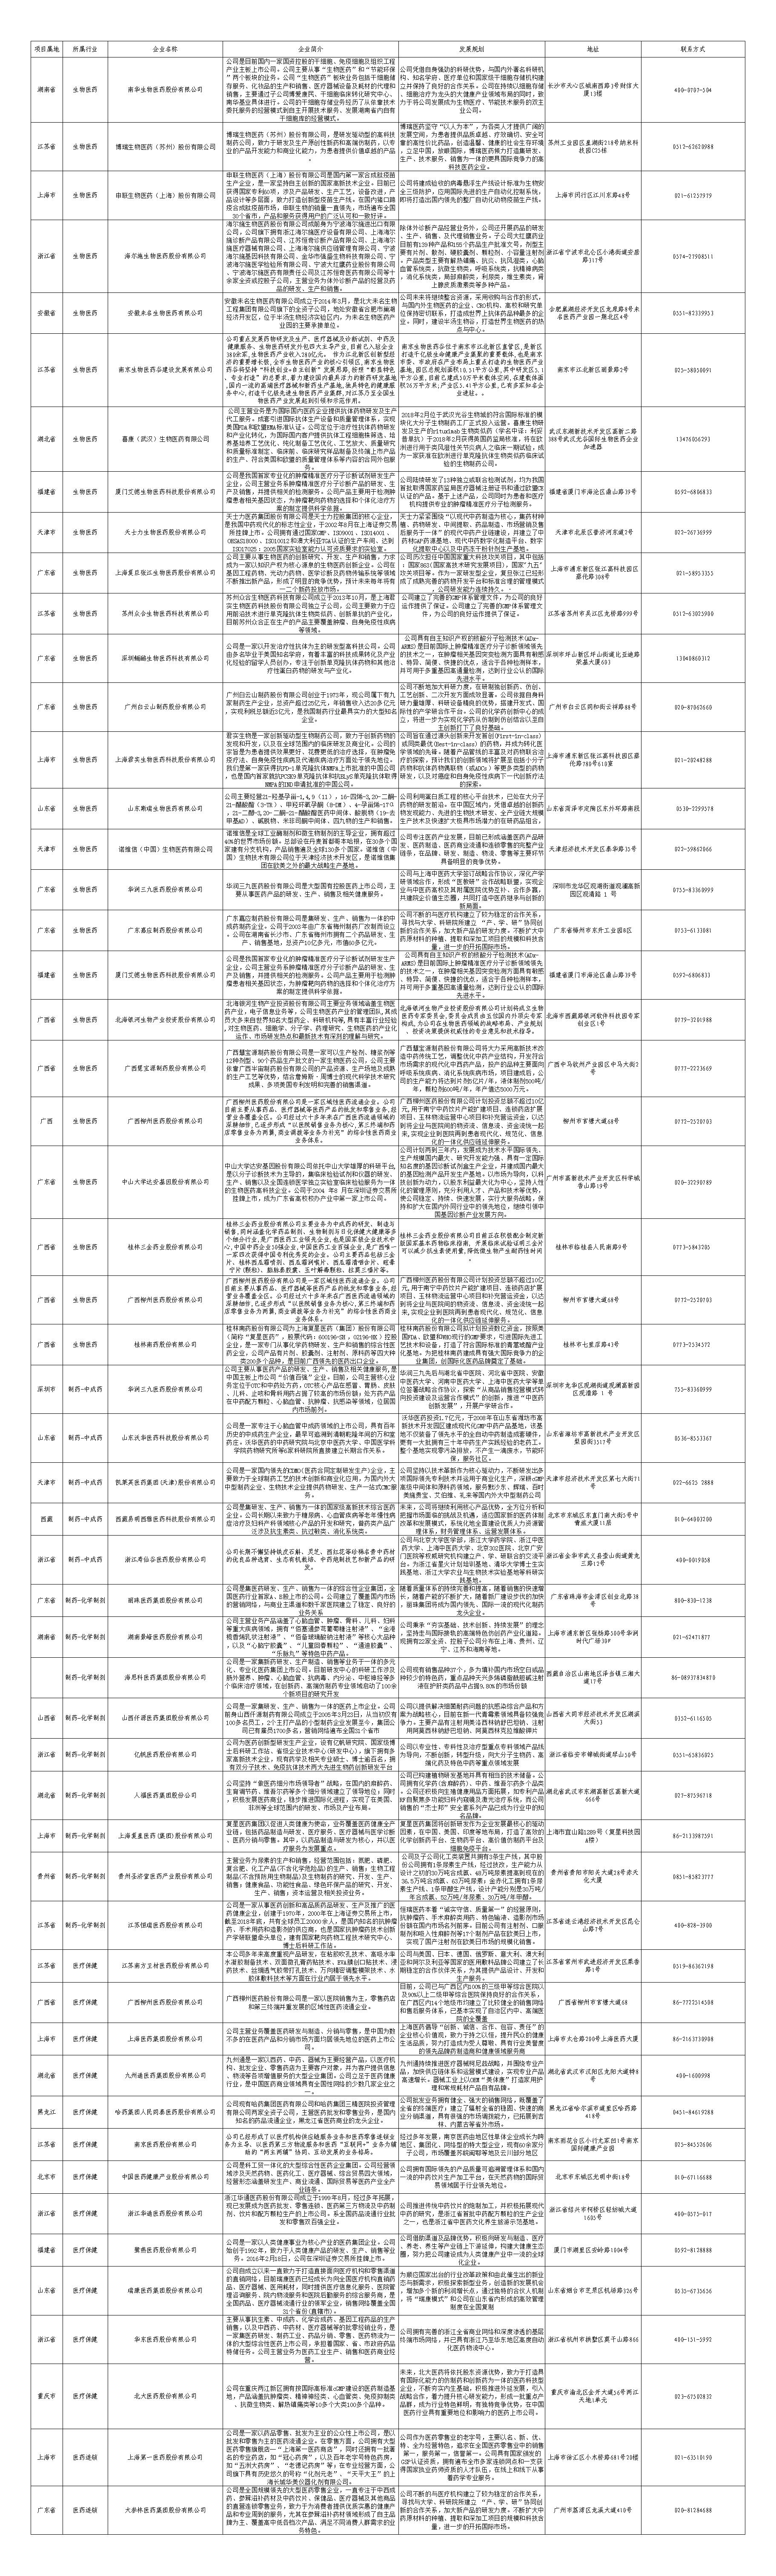 生物医药产业推荐企业.xls